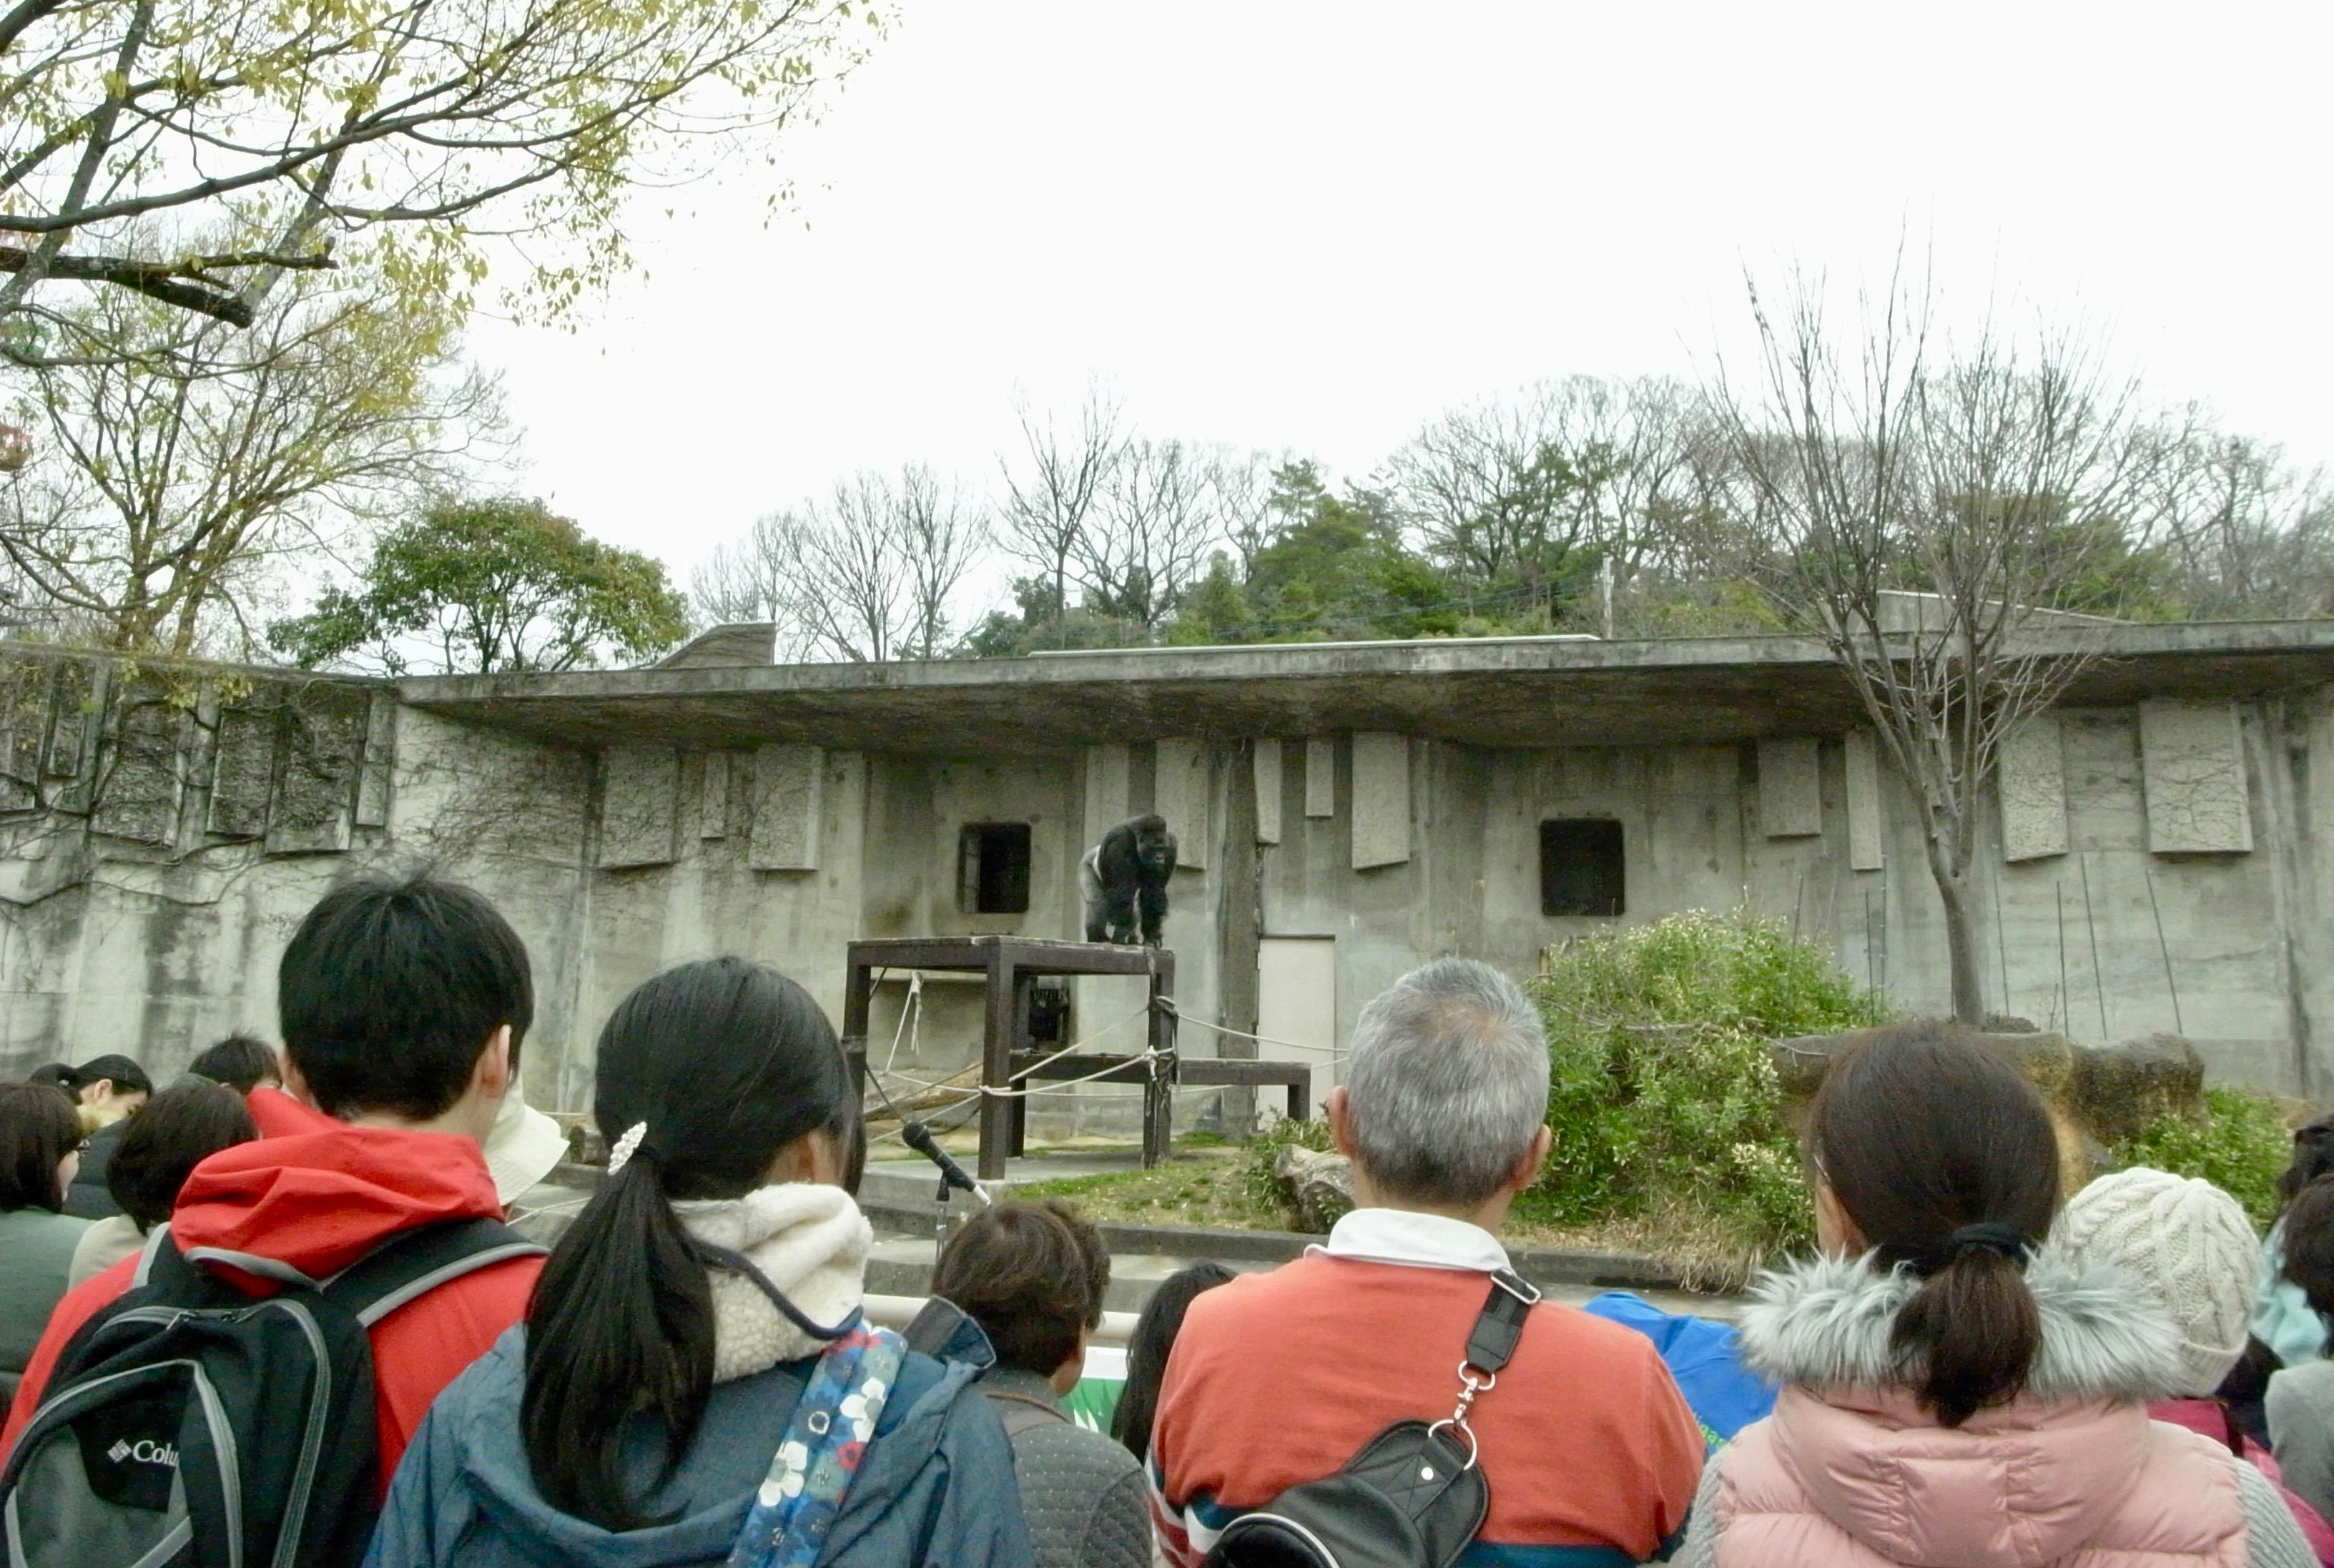 東山動物園の園長に聞いた!動物園をより楽しむためのプランとは - R0015923